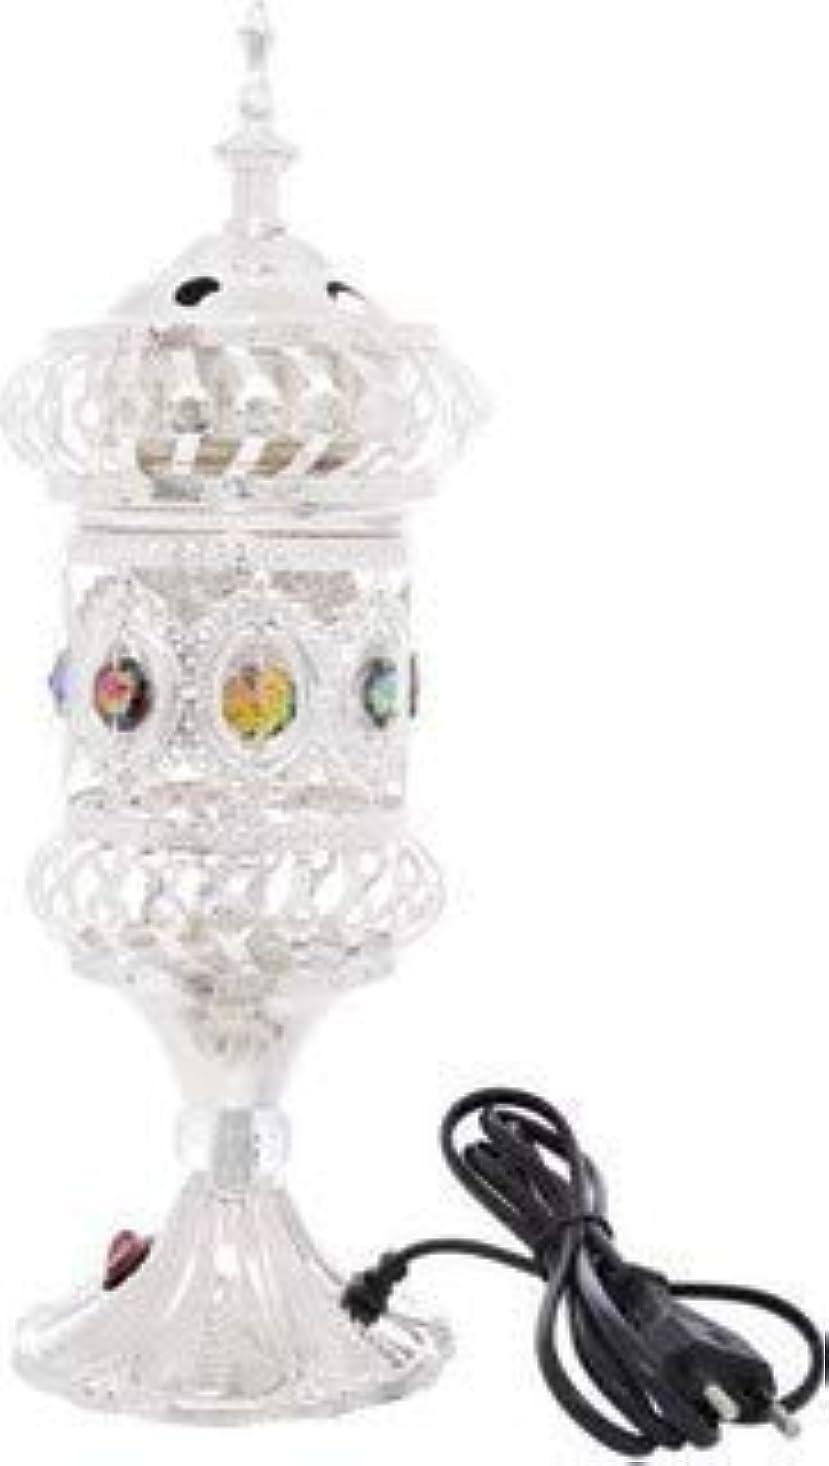 絶望的なスコットランド人恥OMG-Deal Electric Bakhoor Burner Electric Incense Burner +Camphor- Oud Resin Frankincense Camphor for Diwali Gift Positive Energy-WF-075 Silver